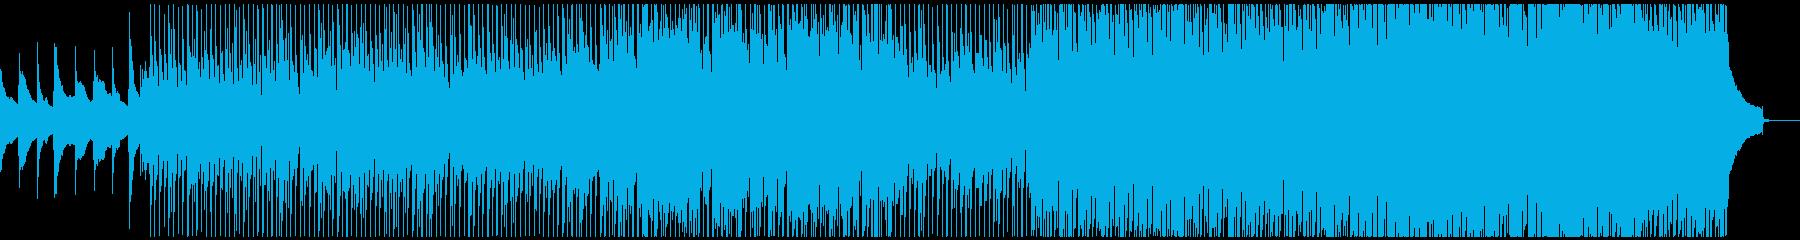 企業VP 始動を感じさせる曲の再生済みの波形